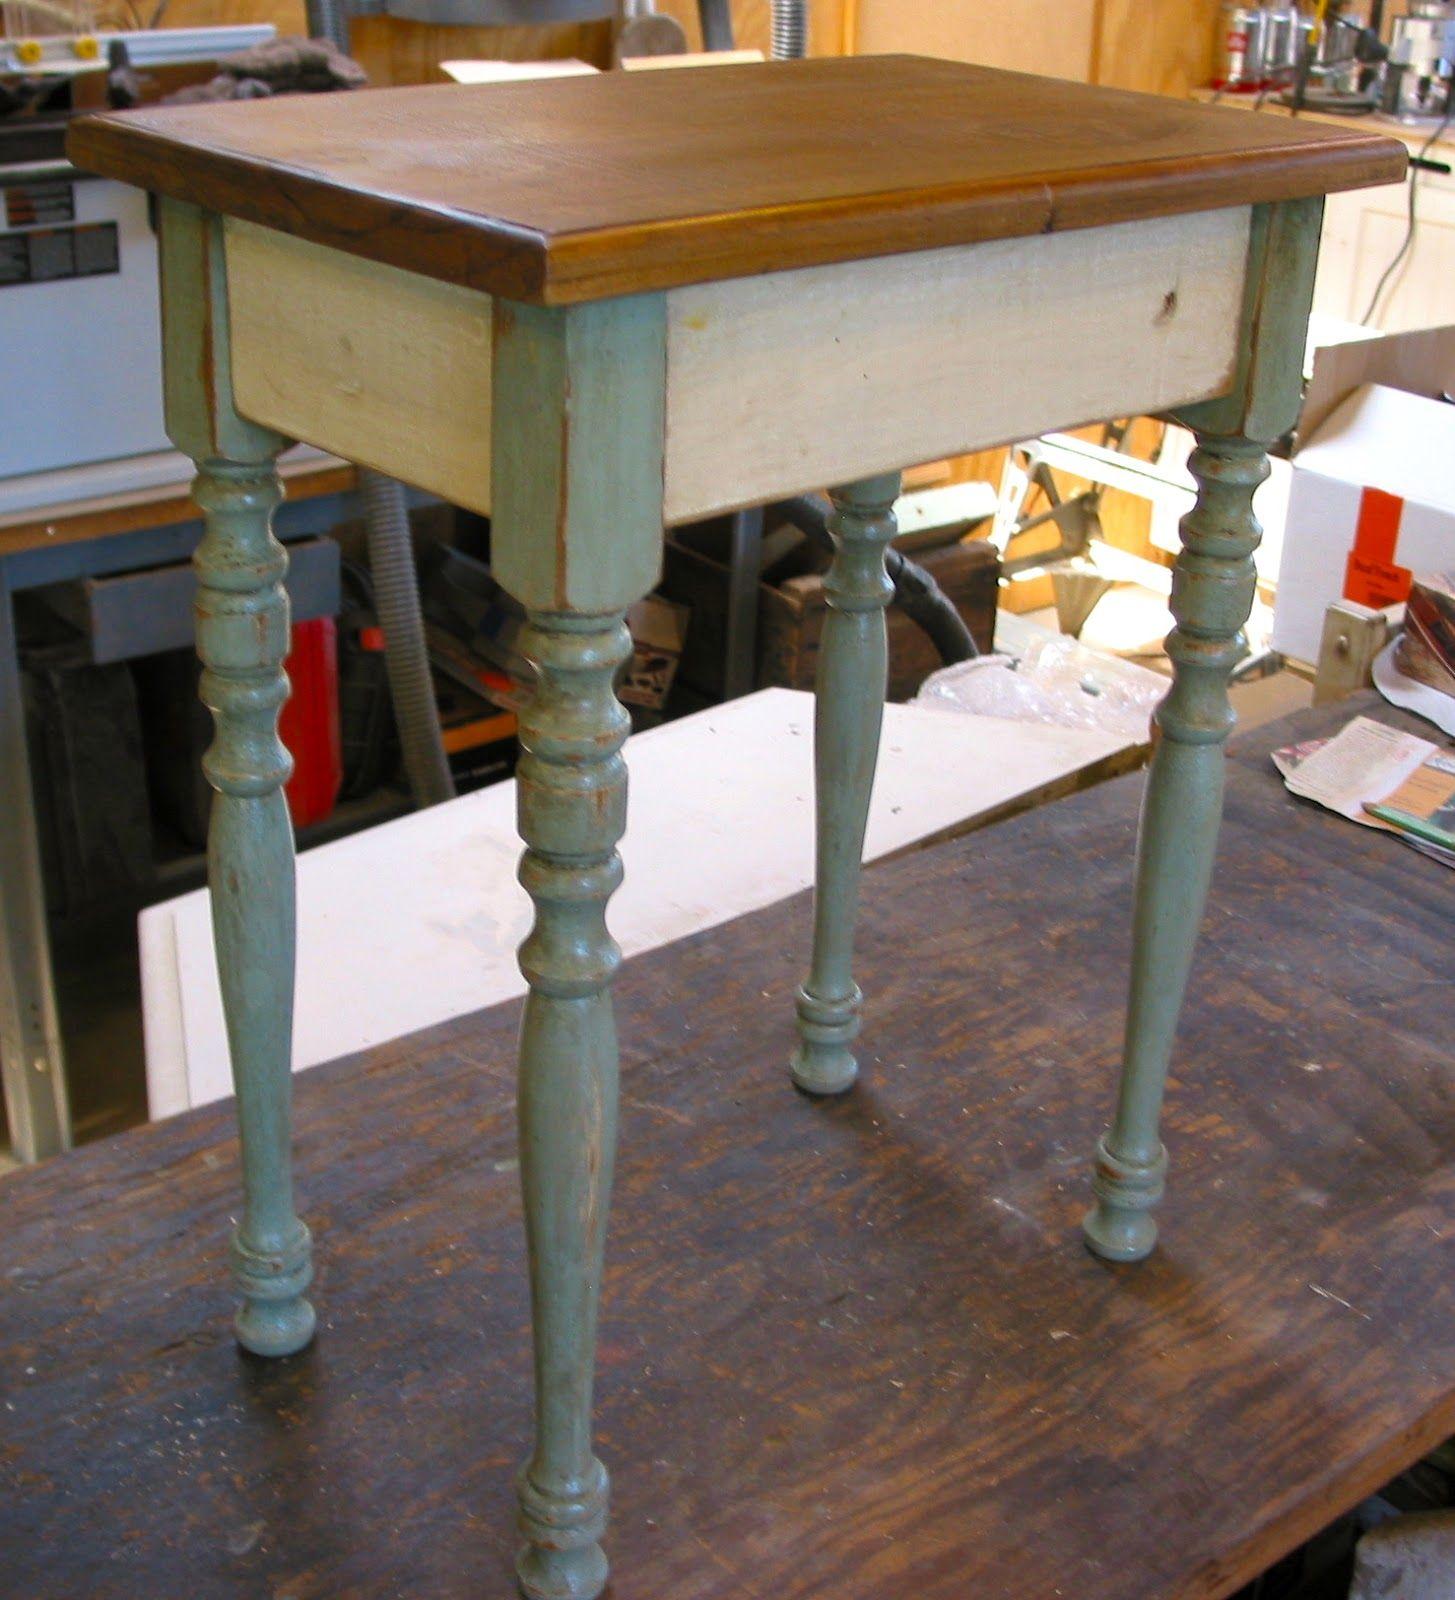 2.bp.blogspot.com -hOHg8wv9hec UCMwYBkWLqI AAAAAAAAAQ4 gRYYyjH5E5Y s1600 Blue+Spindle+Table.jpg